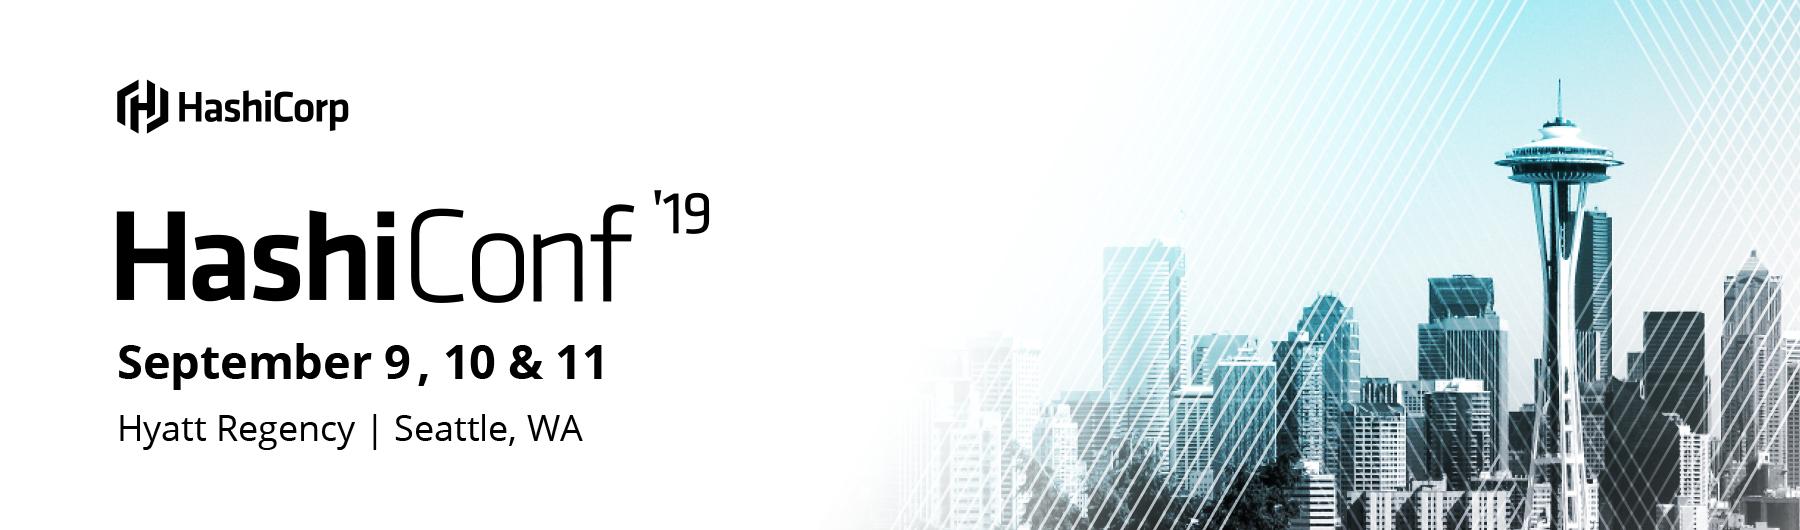 HashiConf US 2019